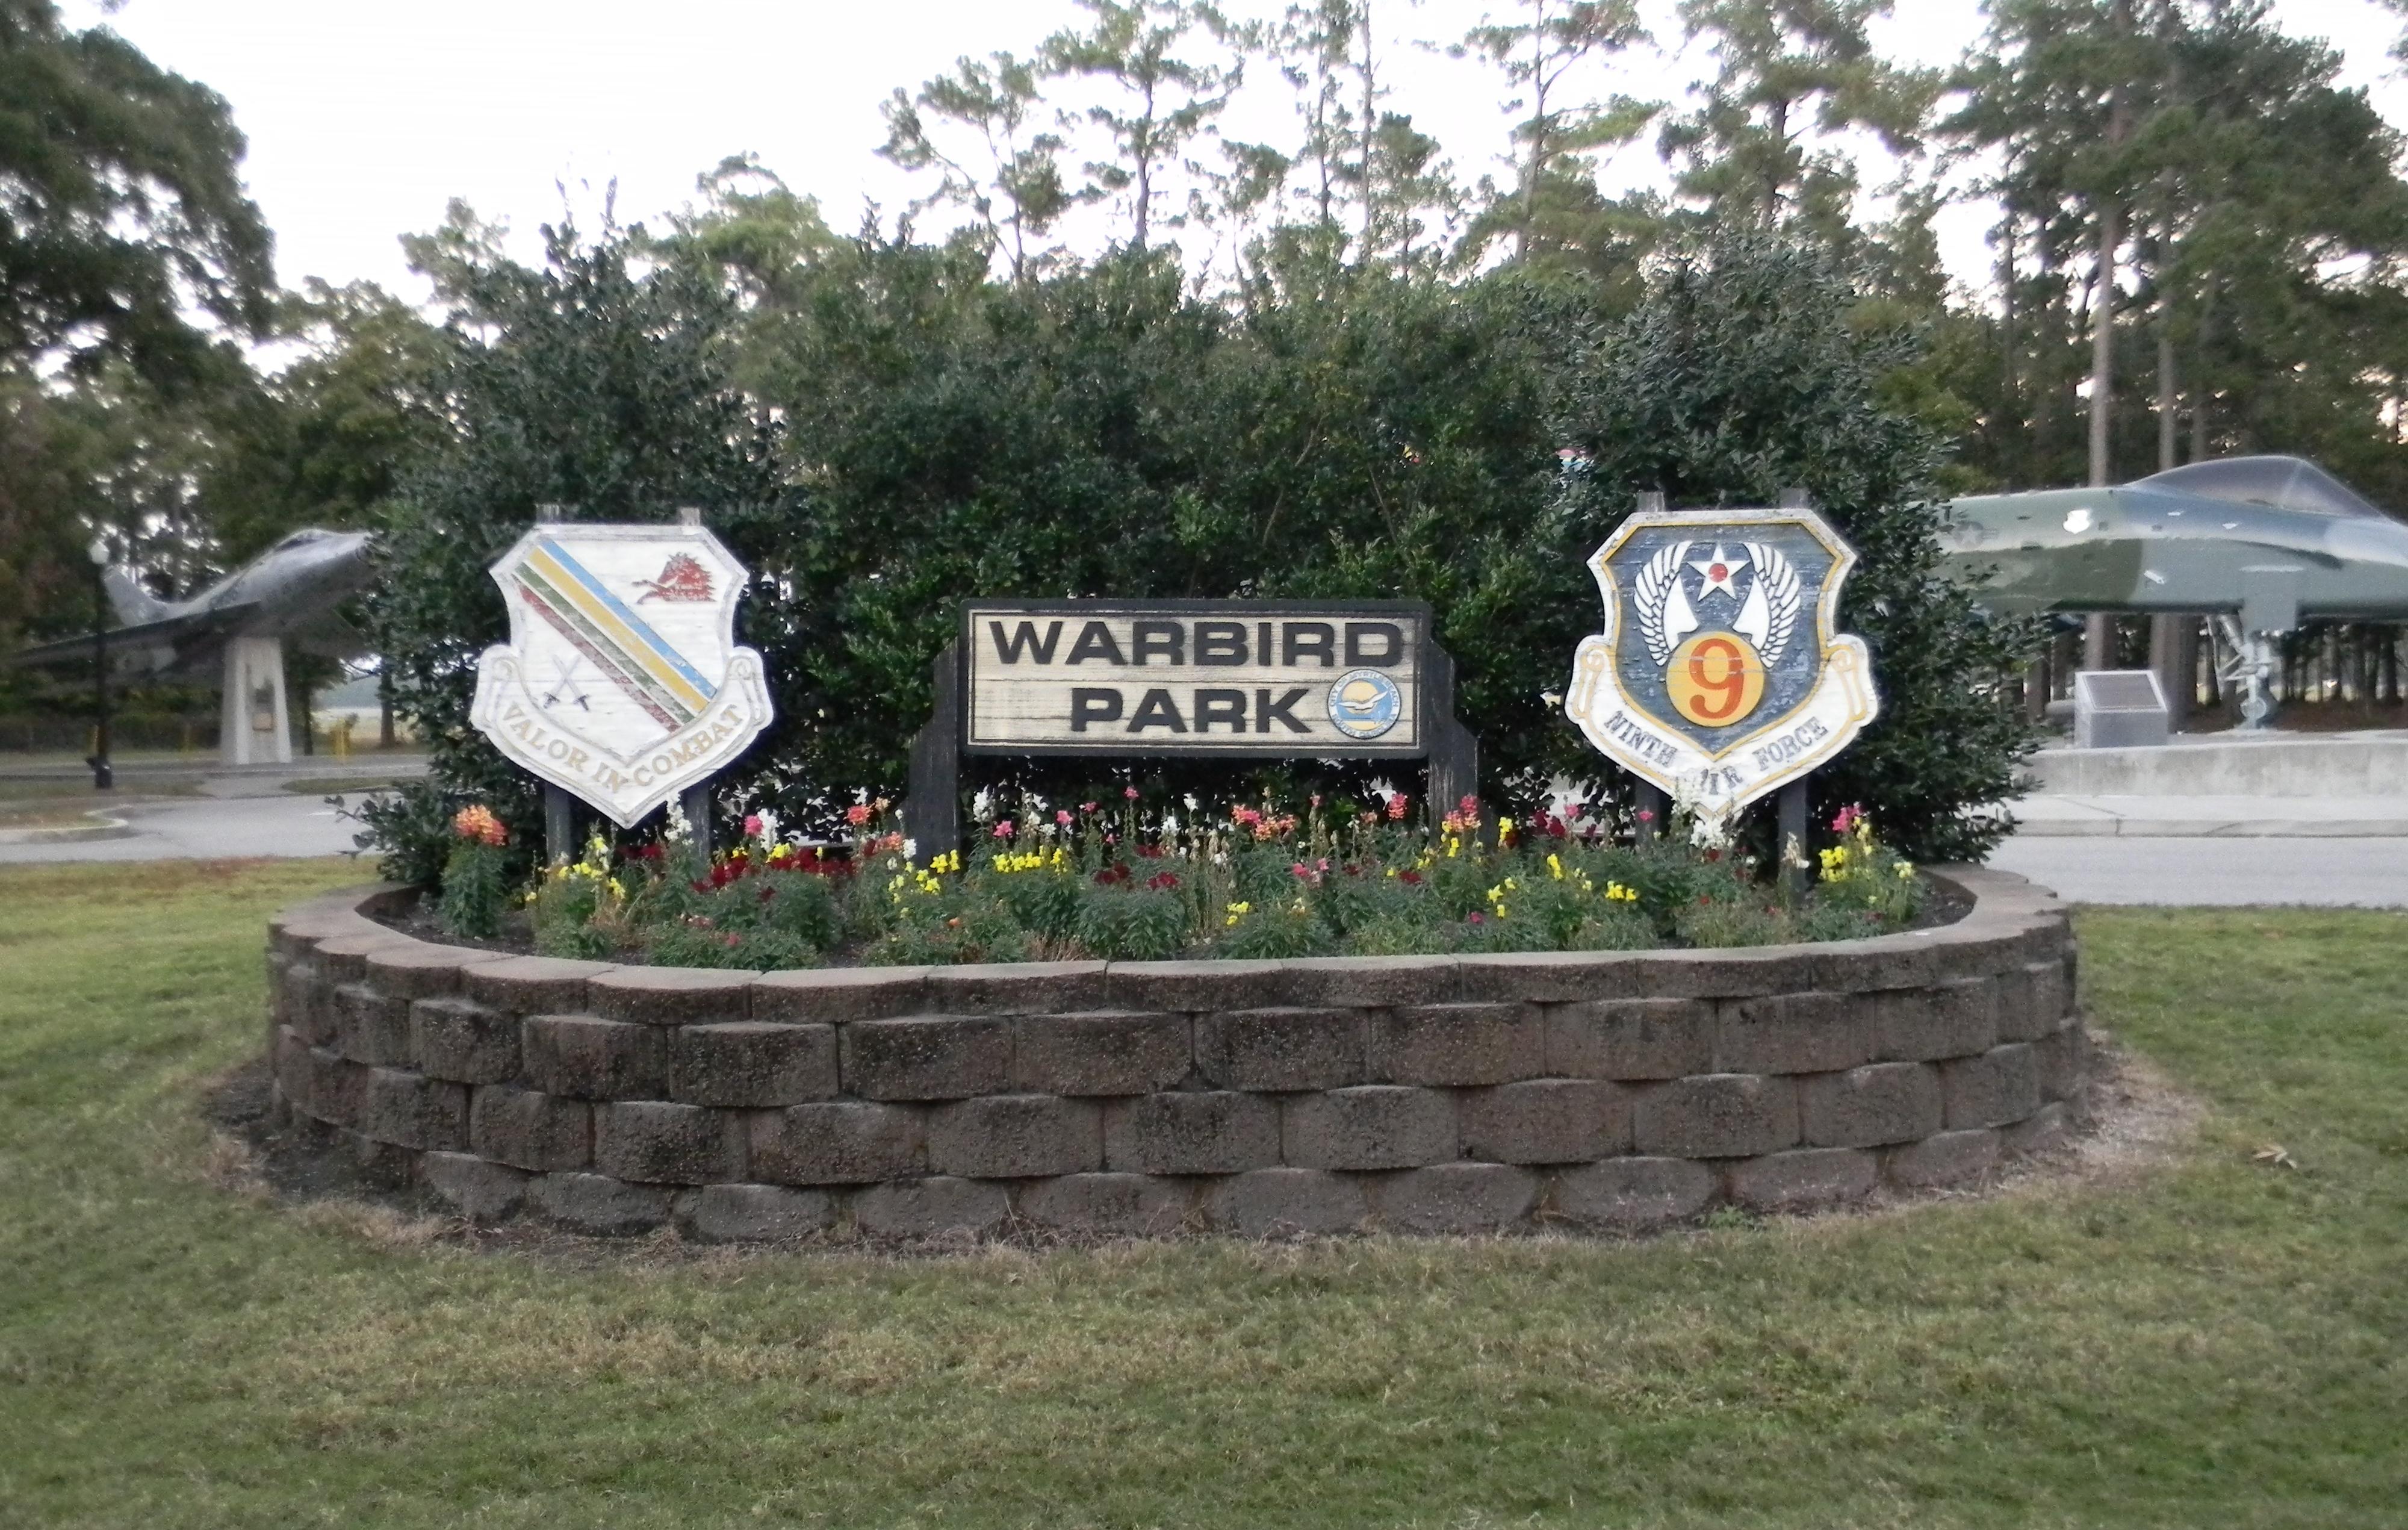 Warbird Park memorial sign